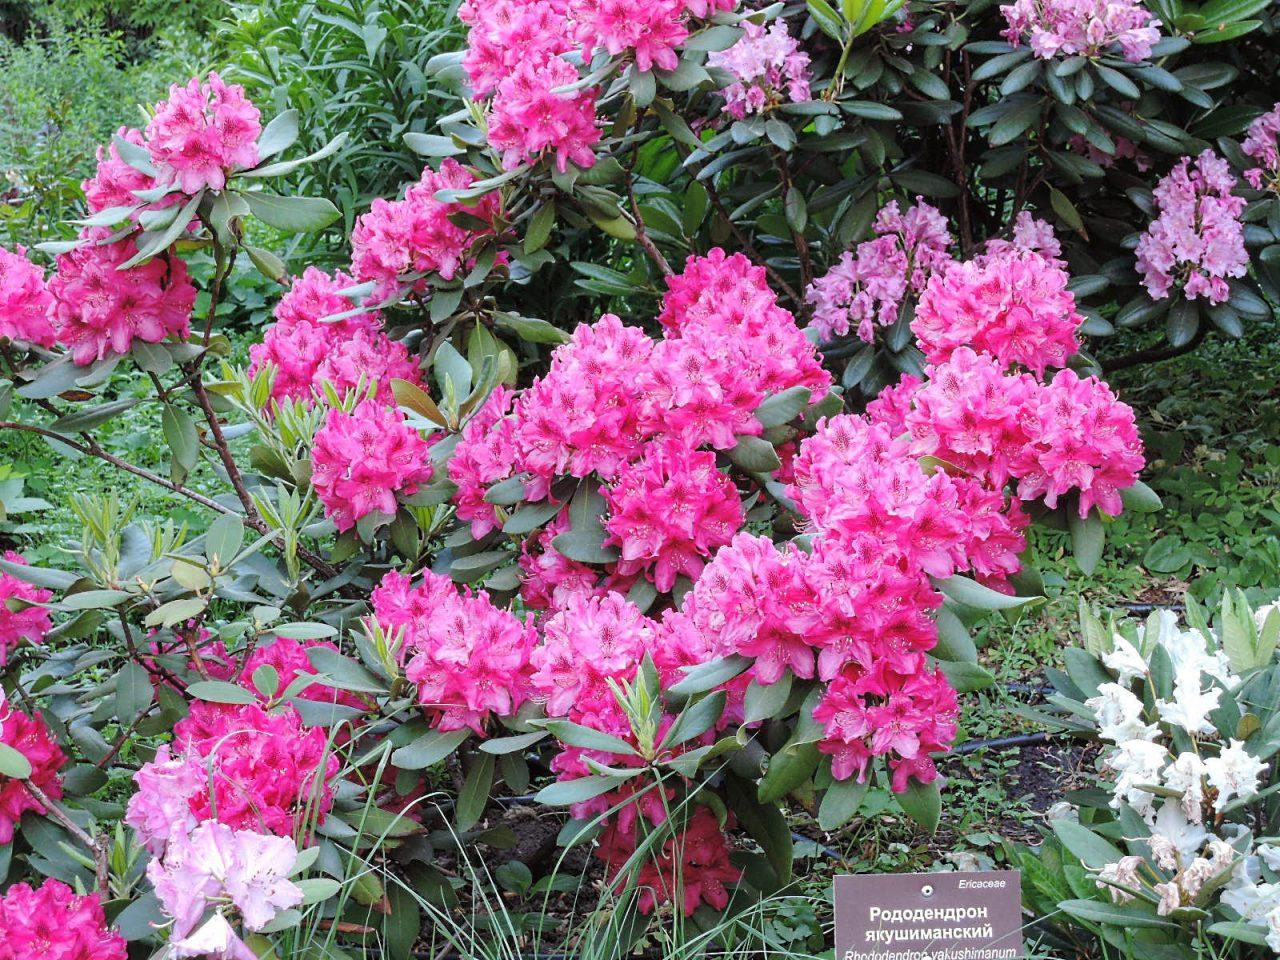 В Аптекарском огороде пройдут две выставки «розовых кустарников»